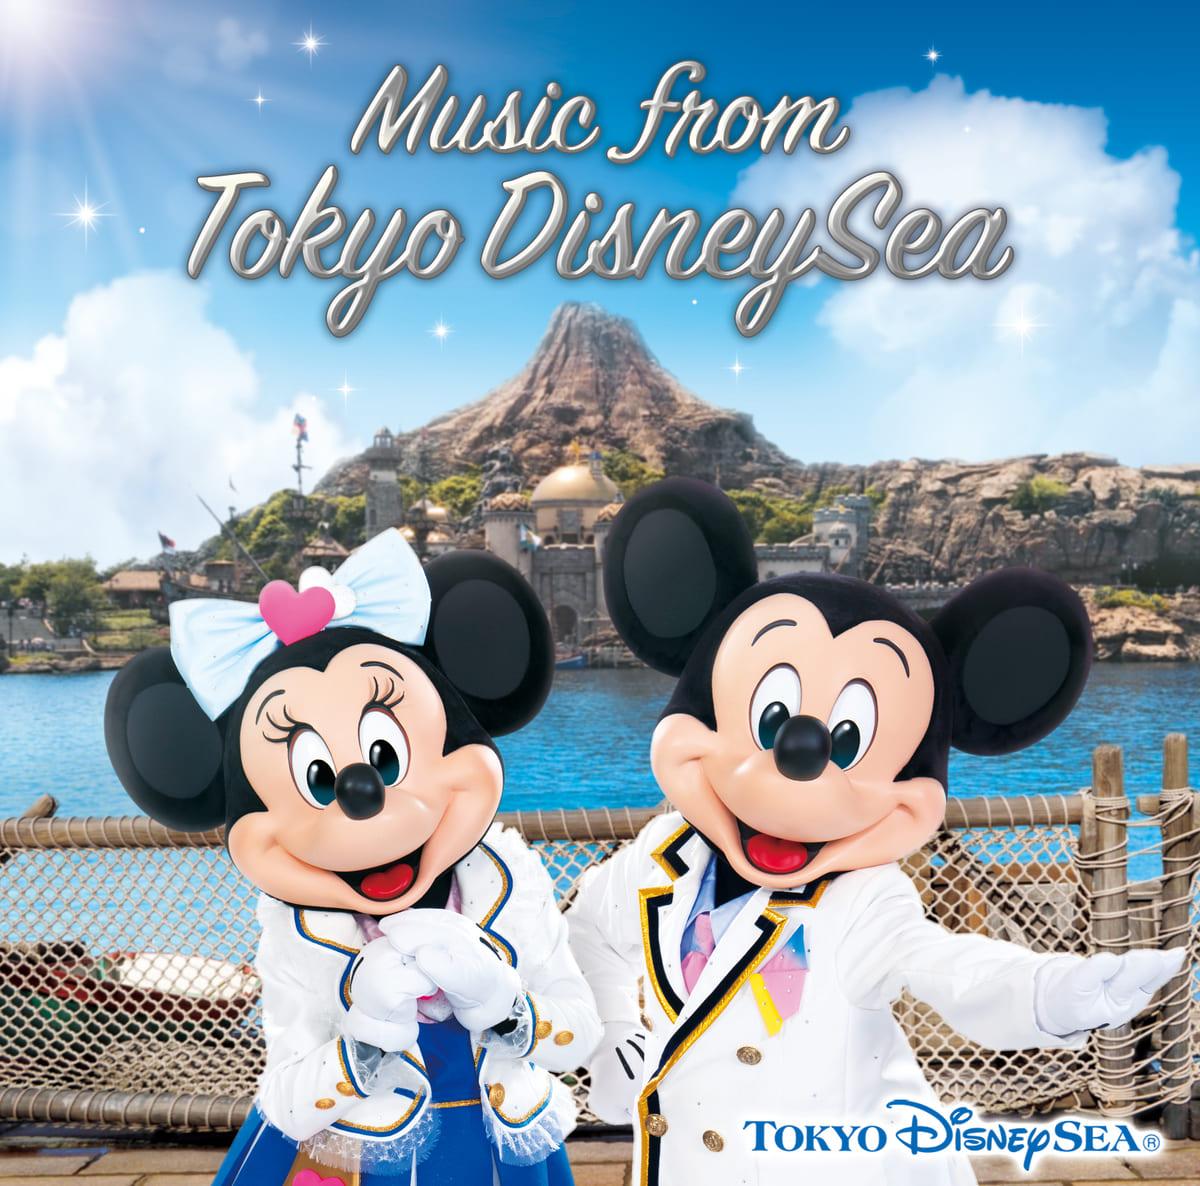 東京ディズニーシー公式プレイリスト「ミュージック・フロム・東京ディズニーシー」